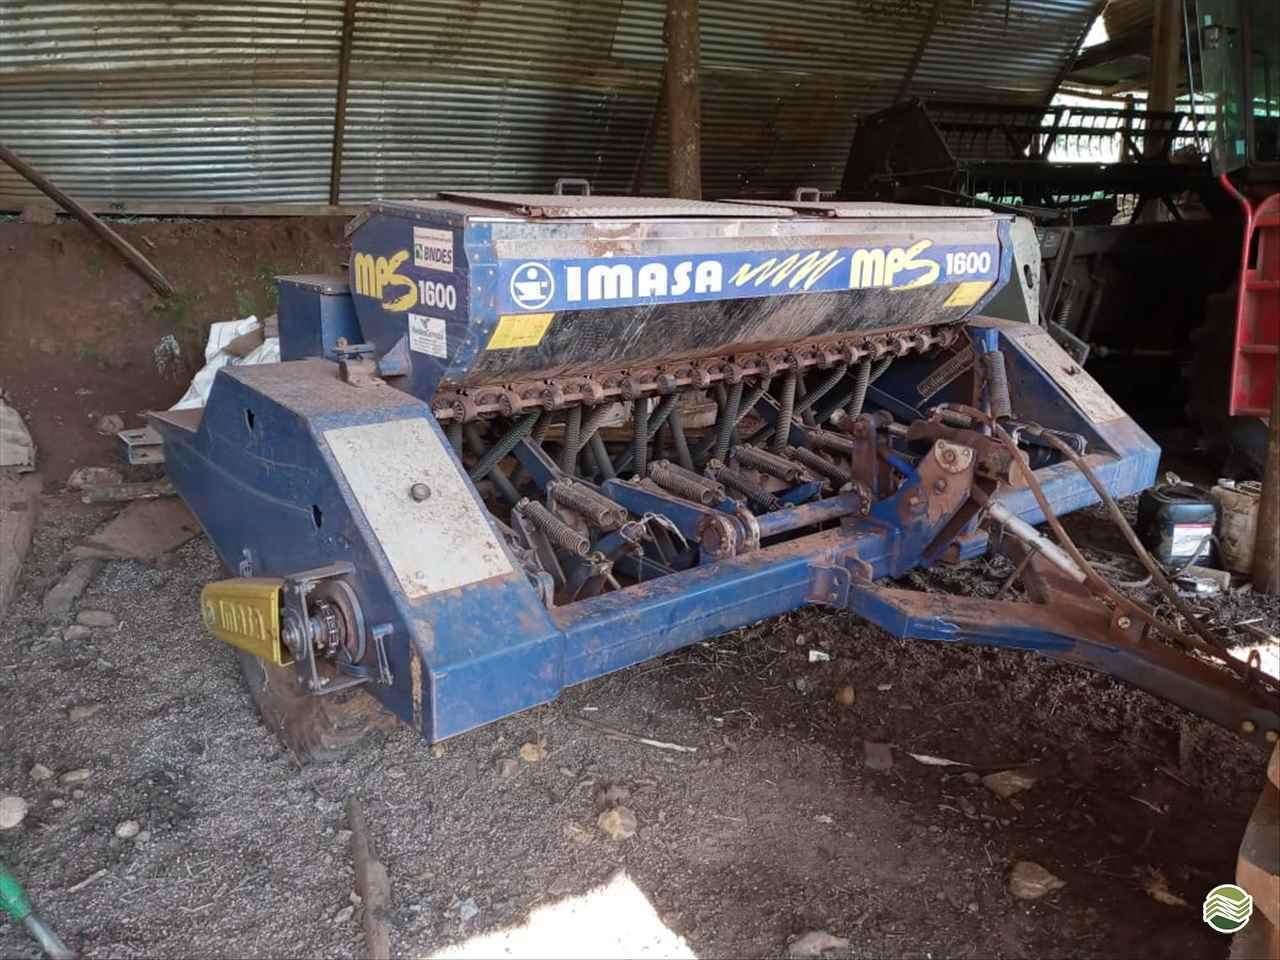 PLANTADEIRA IMASA IMASA LG Peças e Máquinas Agrícolas CHOPINZINHO PARANÁ PR